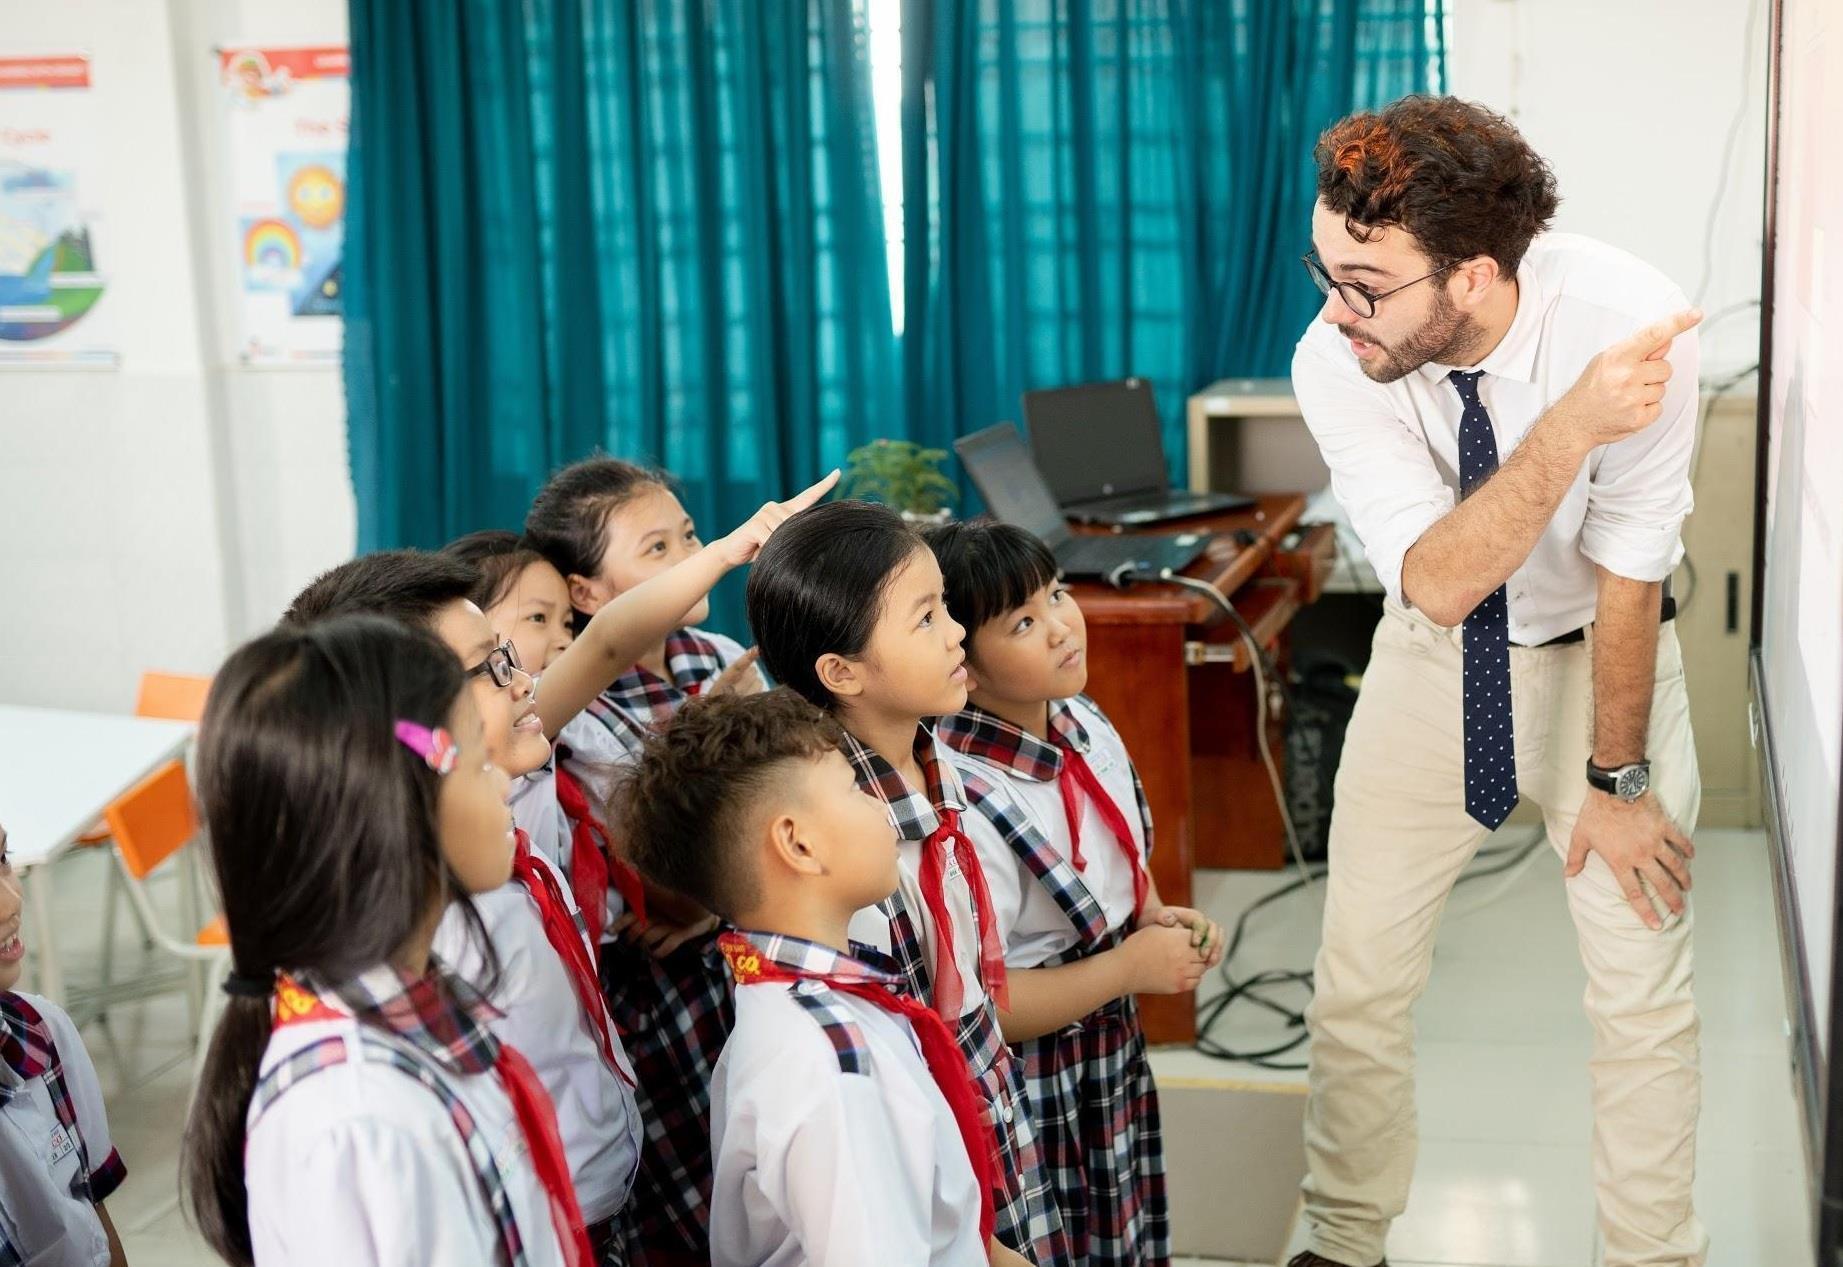 Áp dụng công nghệ trong cá nhân hóa giảng dạy tiếng Anh bậc tiểu học